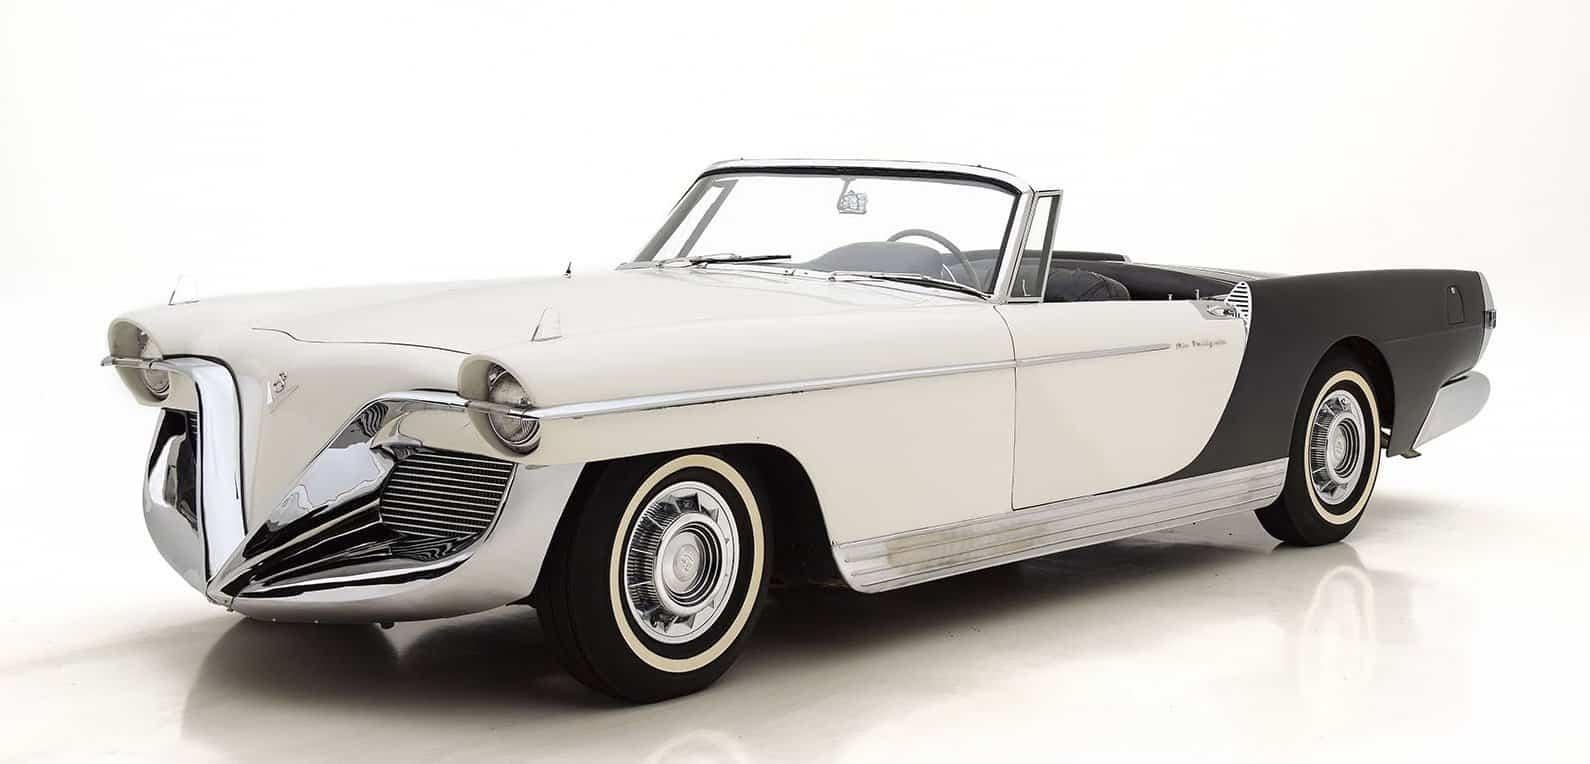 Cadillac Die Valkyrie Concept: Un extravagante descapotable americano que ahora puede ser tuyo